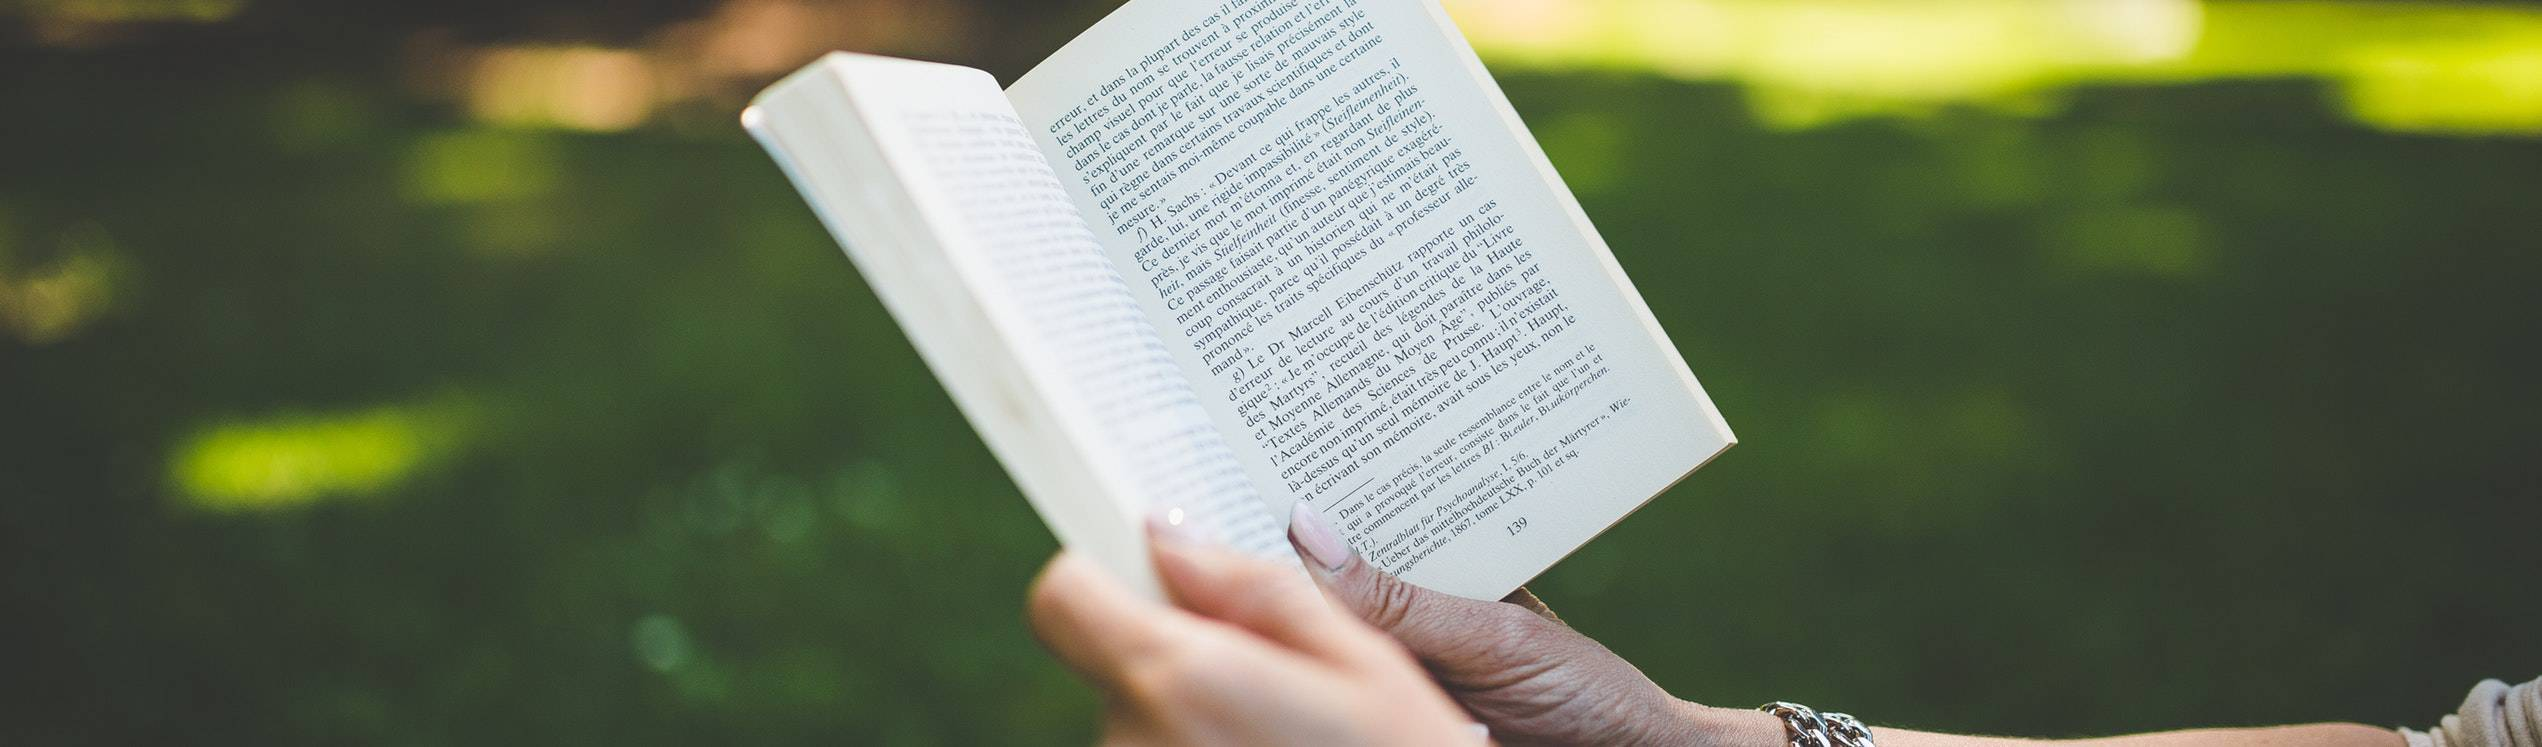 NEU: Mein erstes Buch